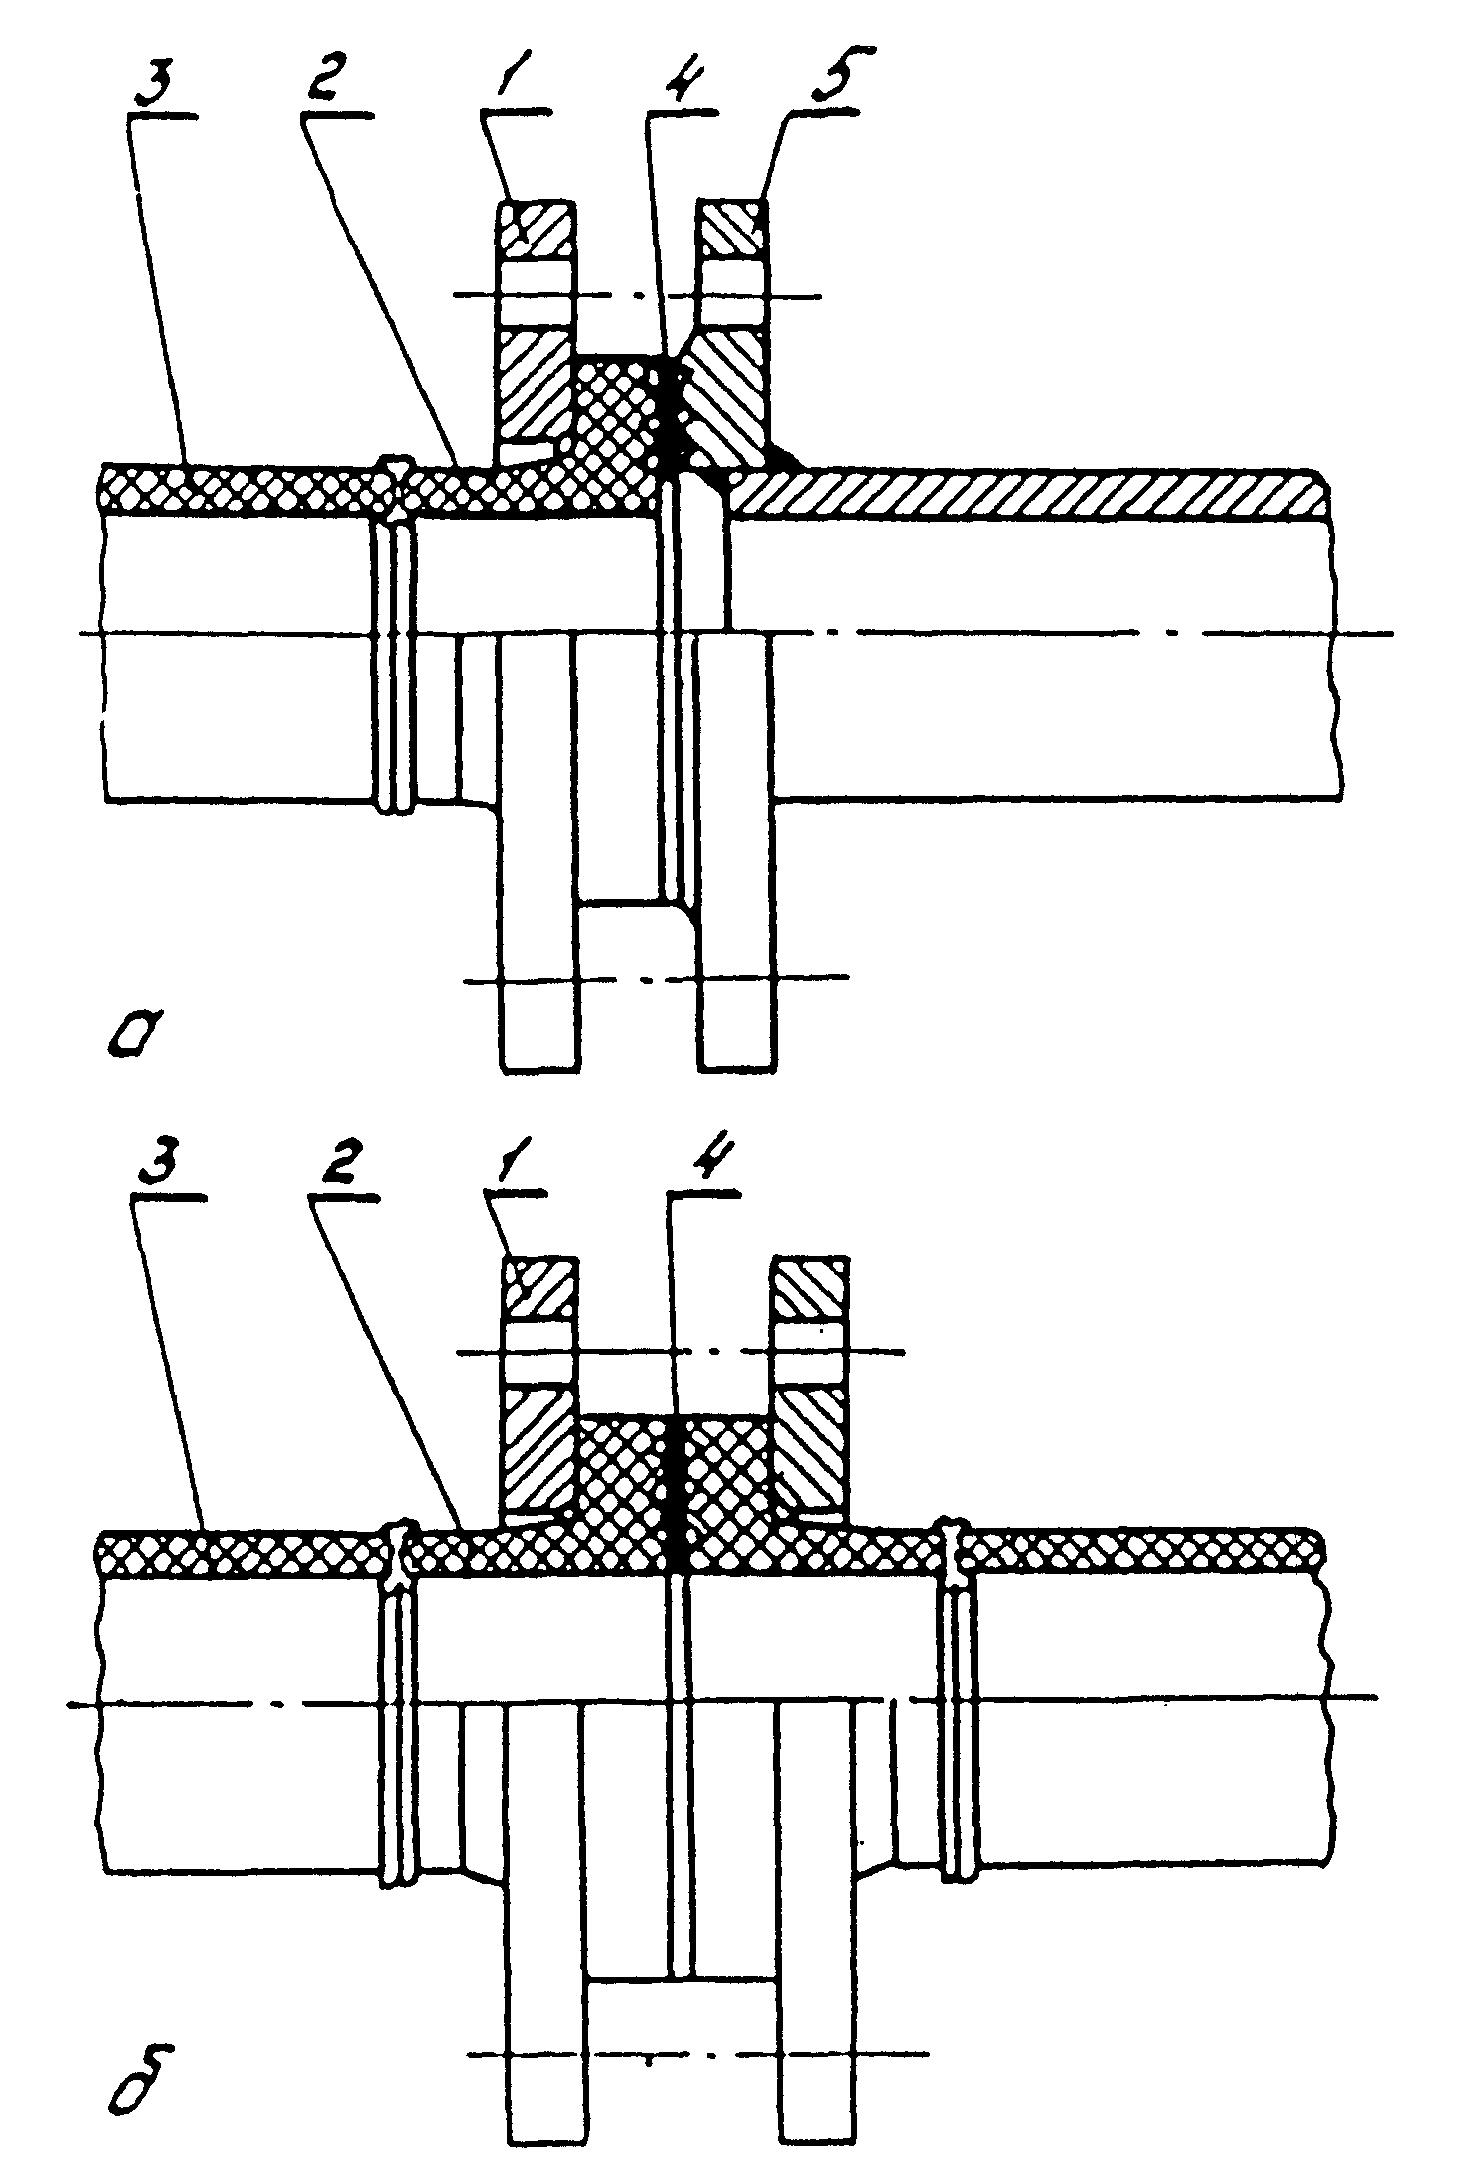 Монтаж систем трубопроводов при помощи фланцевых соединений. монтаж фланцевых соединений трубопроводов